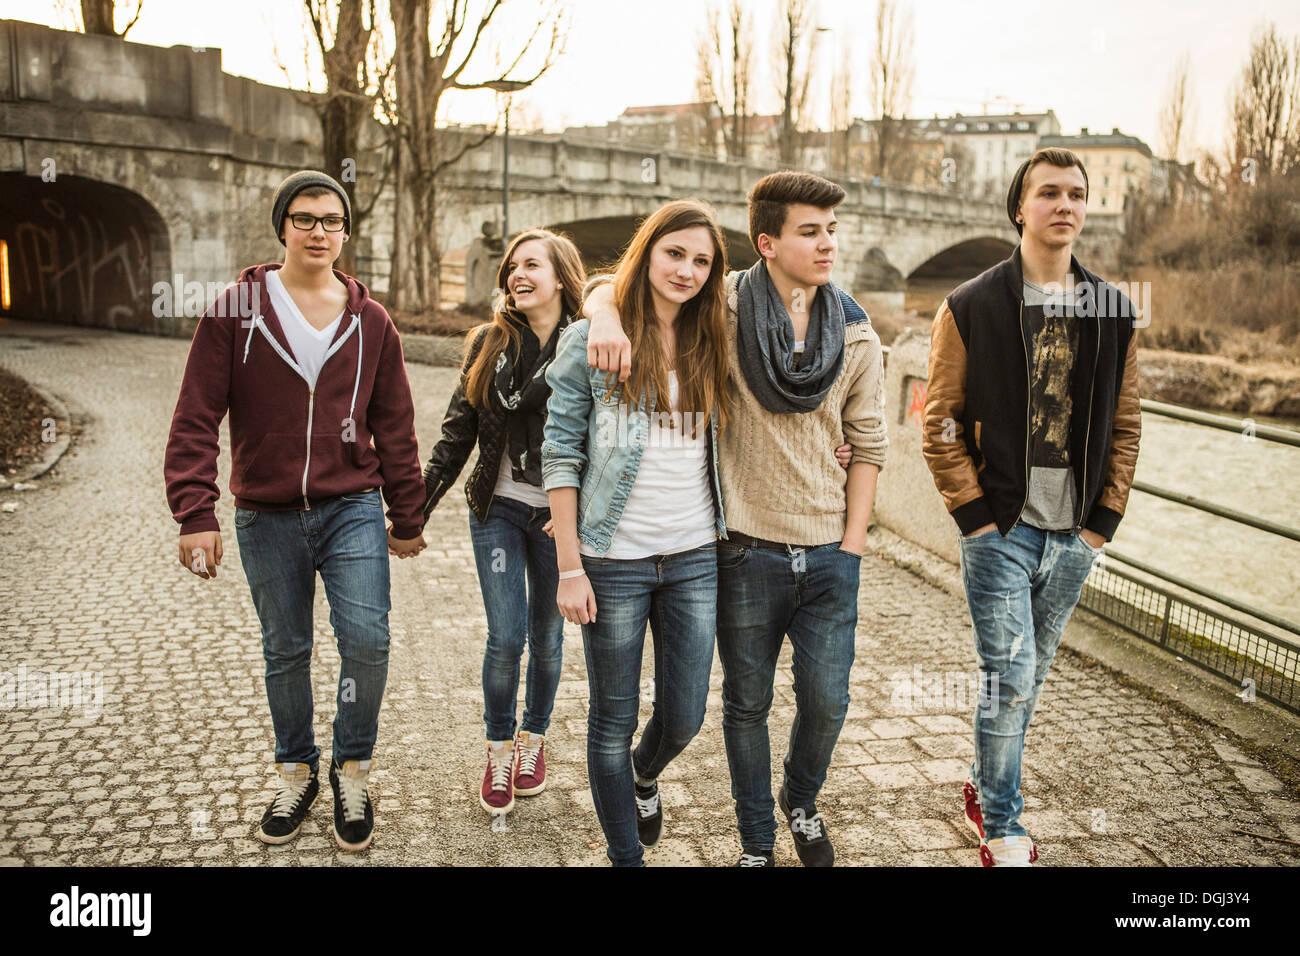 Cinque adolescenti camminare insieme accanto al fiume Immagini Stock